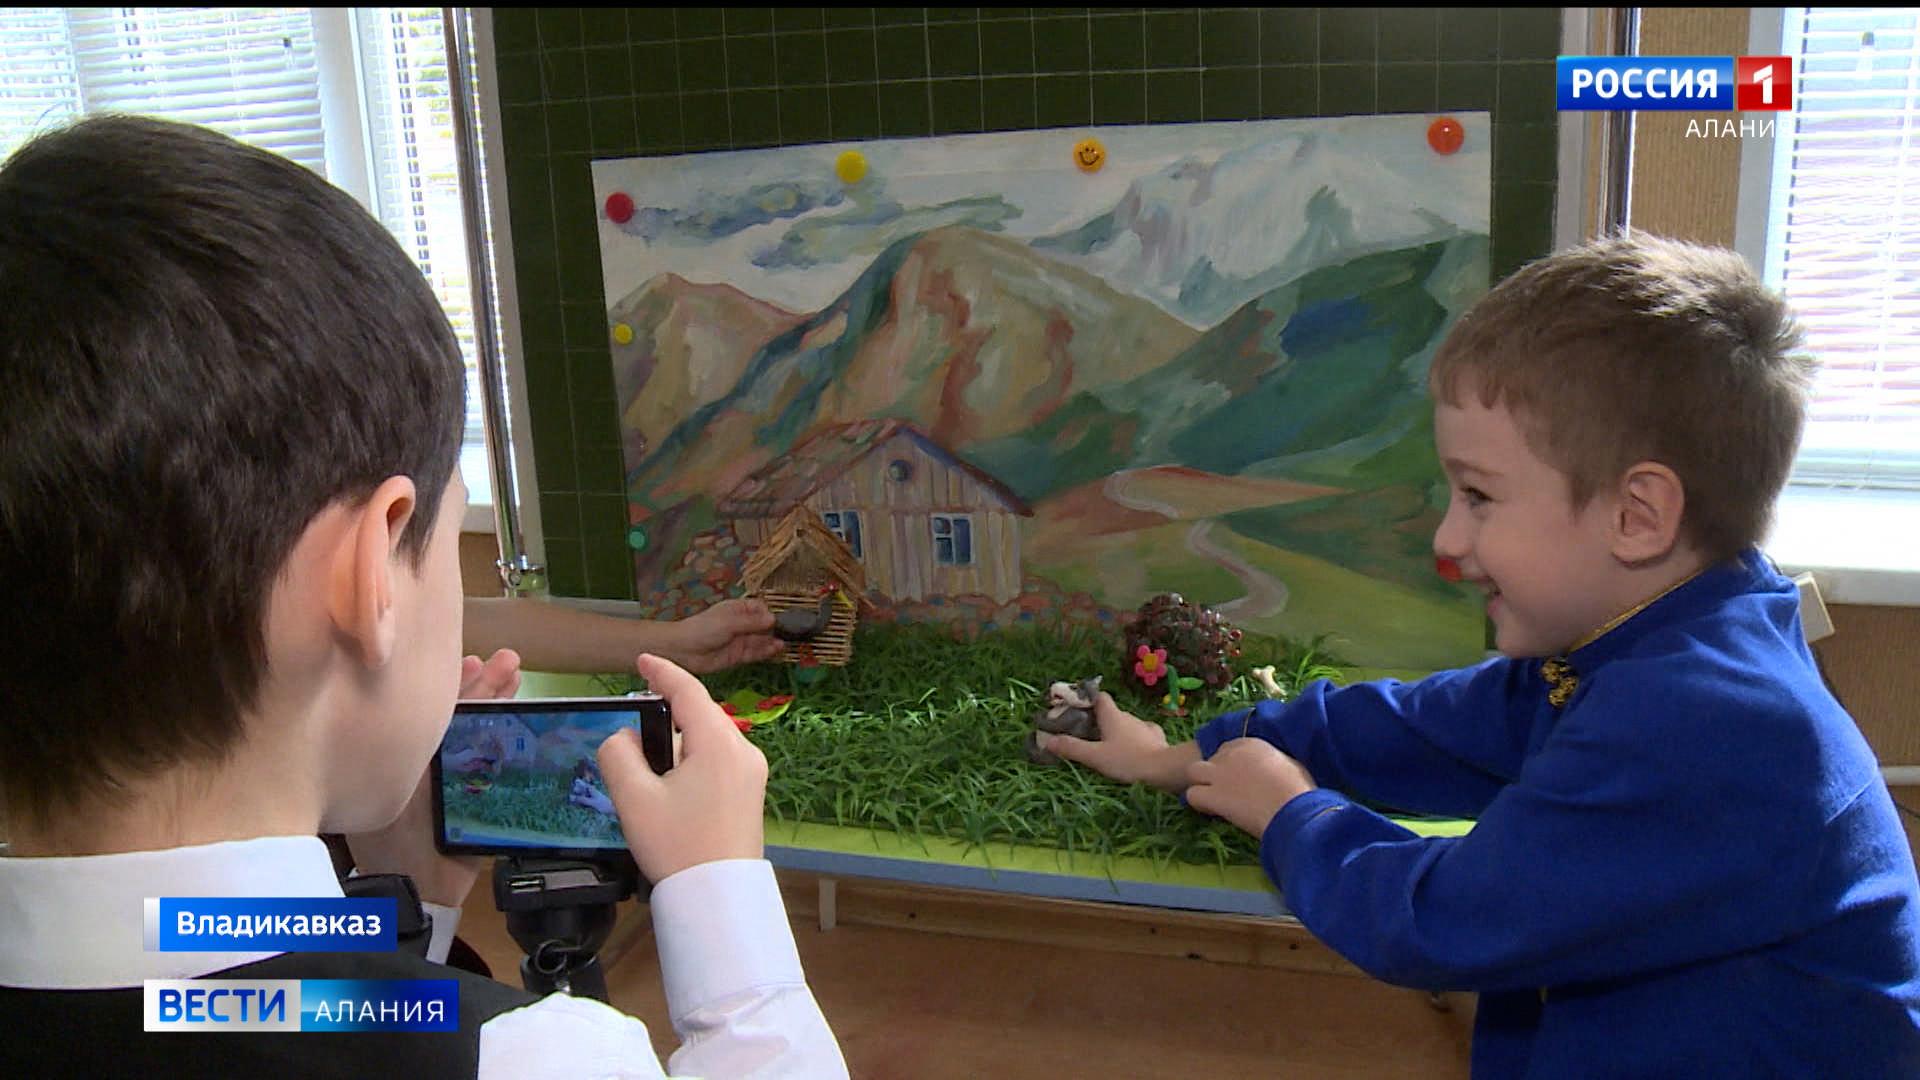 Воспитанники центра образования «Интеллект» пробуют себя в роли мультипликаторов